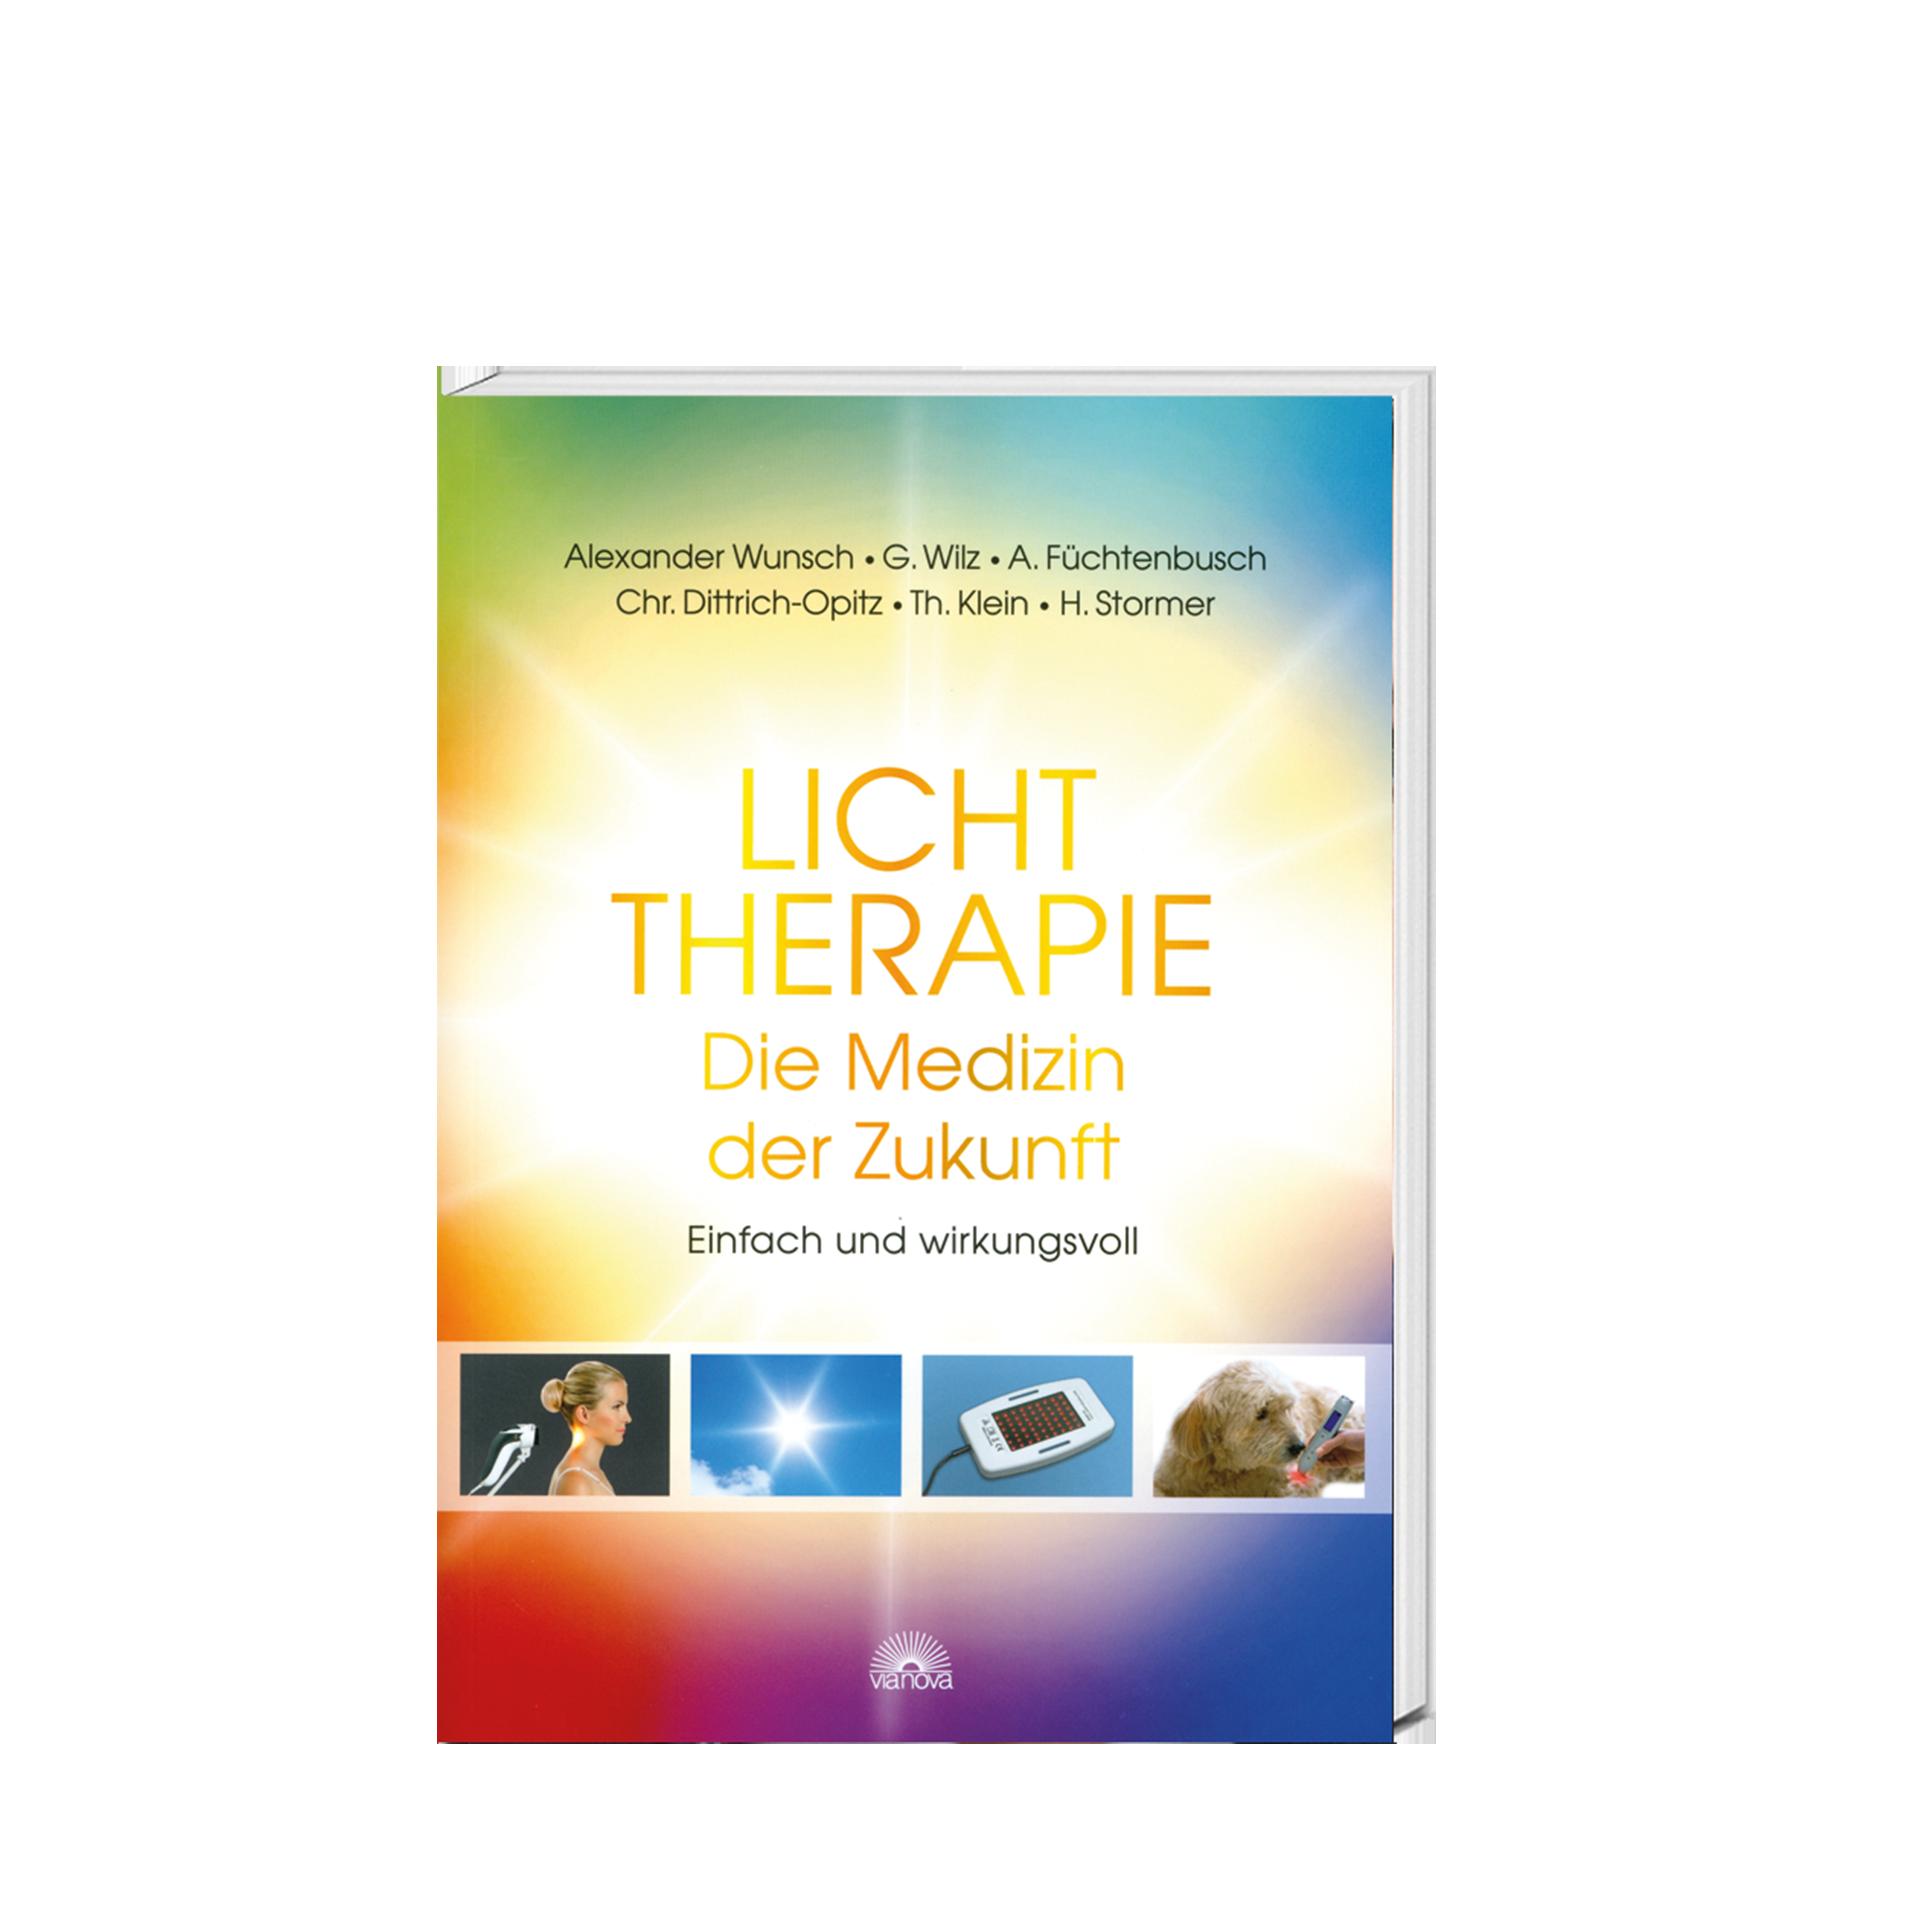 Lichttherapie - Die Medizin der Zukunft, 216 Seiten